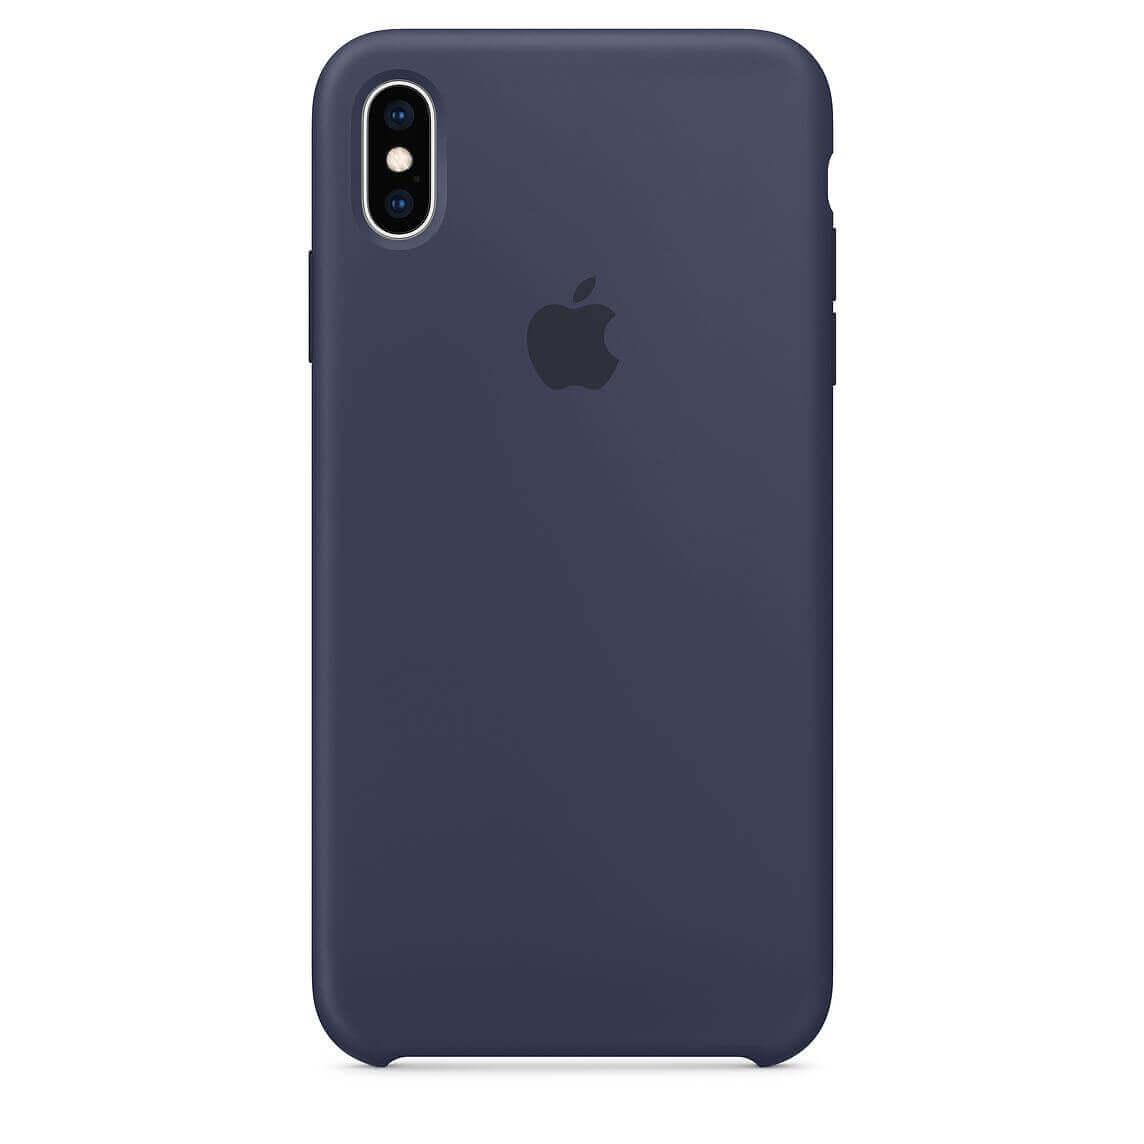 Apple Silicone Case — оригинален силиконов кейс за iPhone XS Max (тъмносин) (bulk) - 1